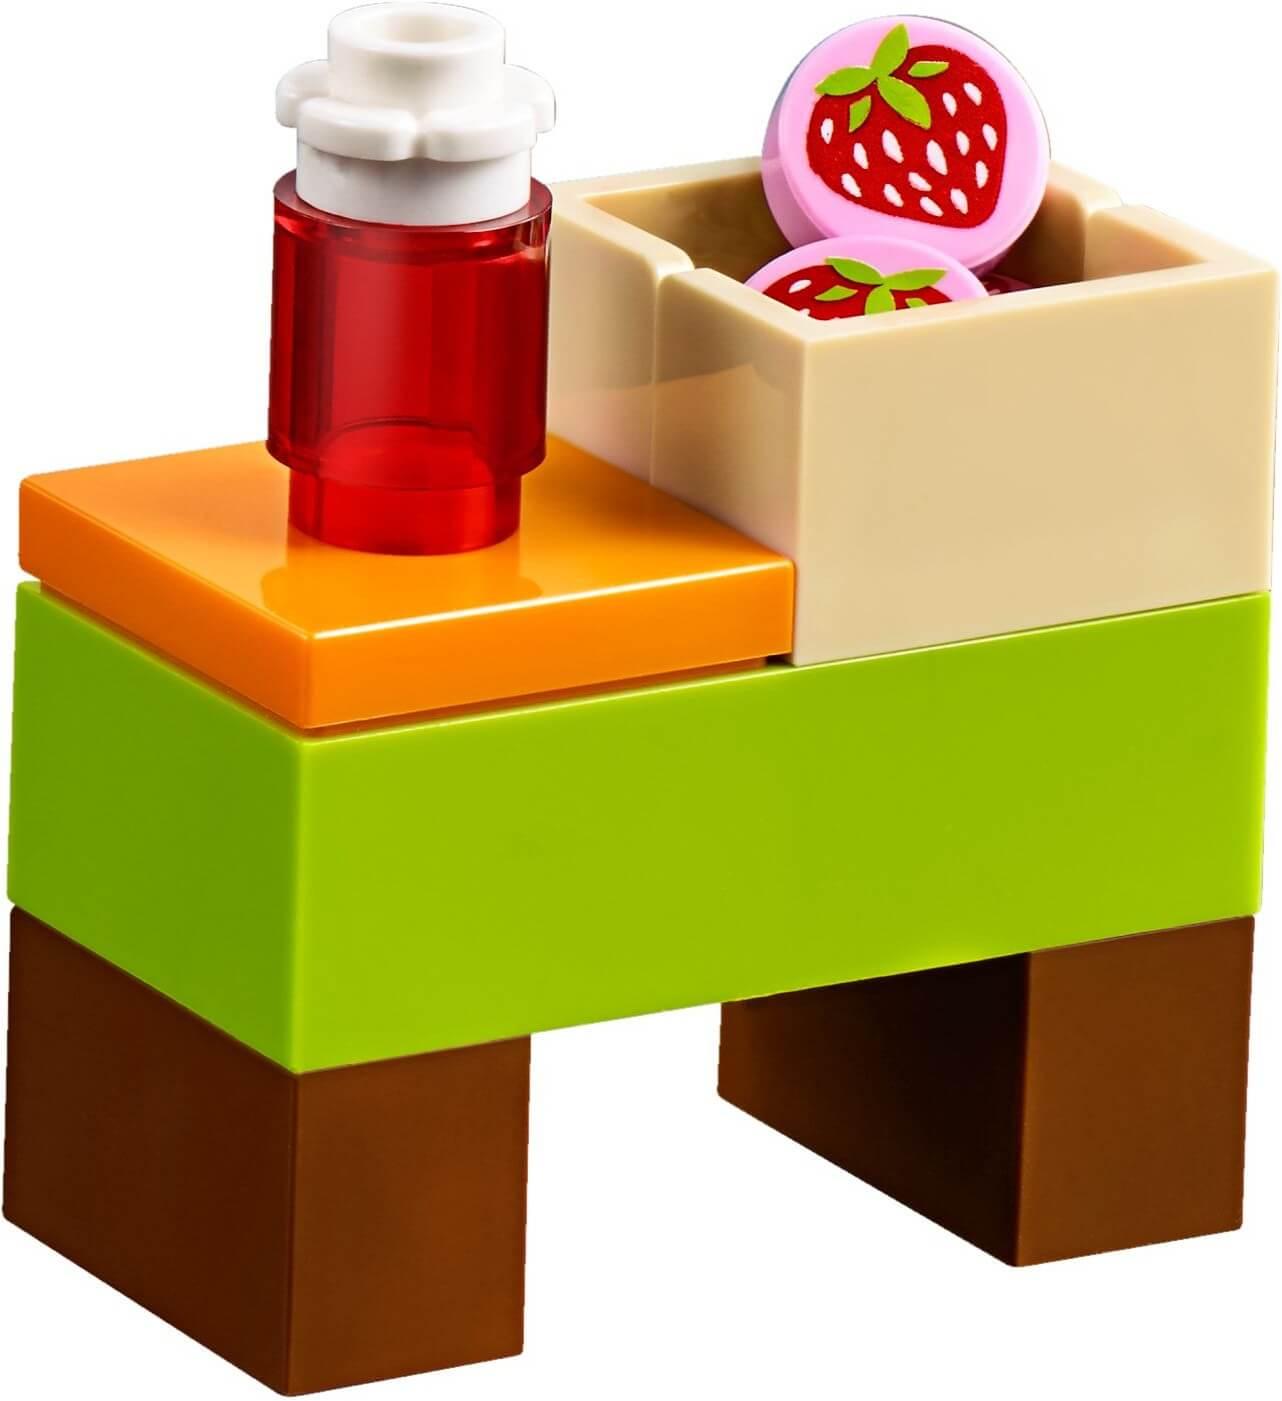 Mua đồ chơi LEGO 10749 - LEGO Juniors 10749 - Xe bán Hoa quả của Mia (LEGO Juniors 10749 Mia's Organic Food Market)